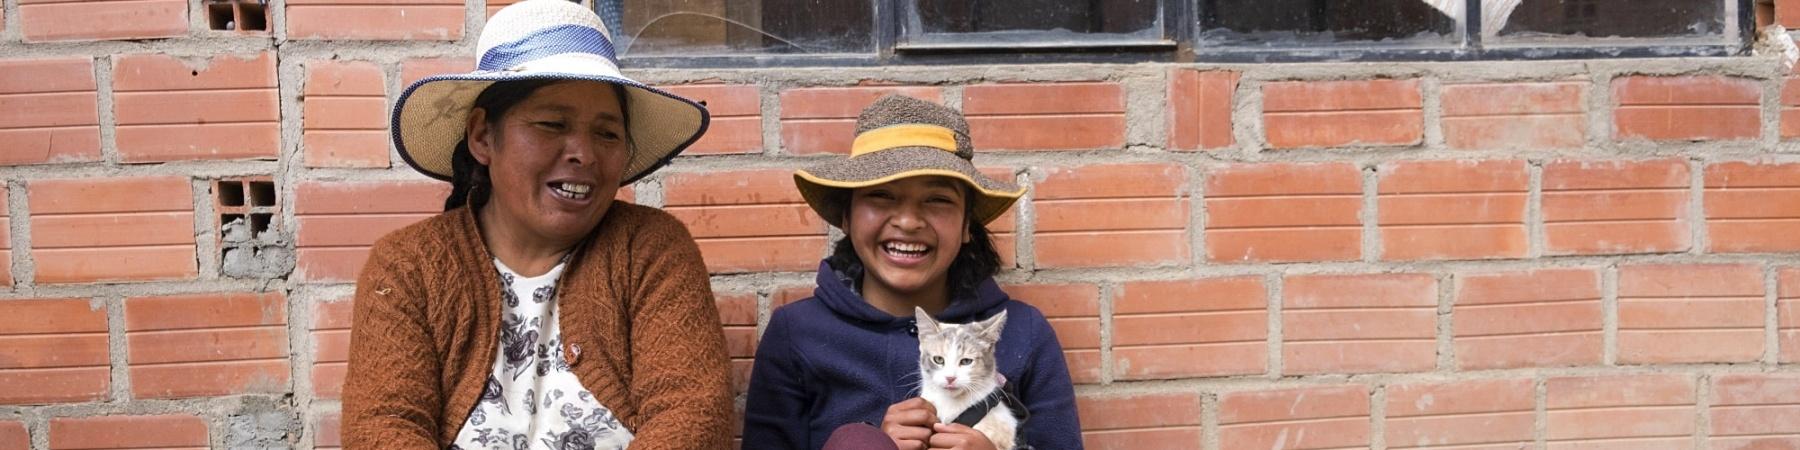 Donna e bambina in Bolivia sedute per terra, sorridenti